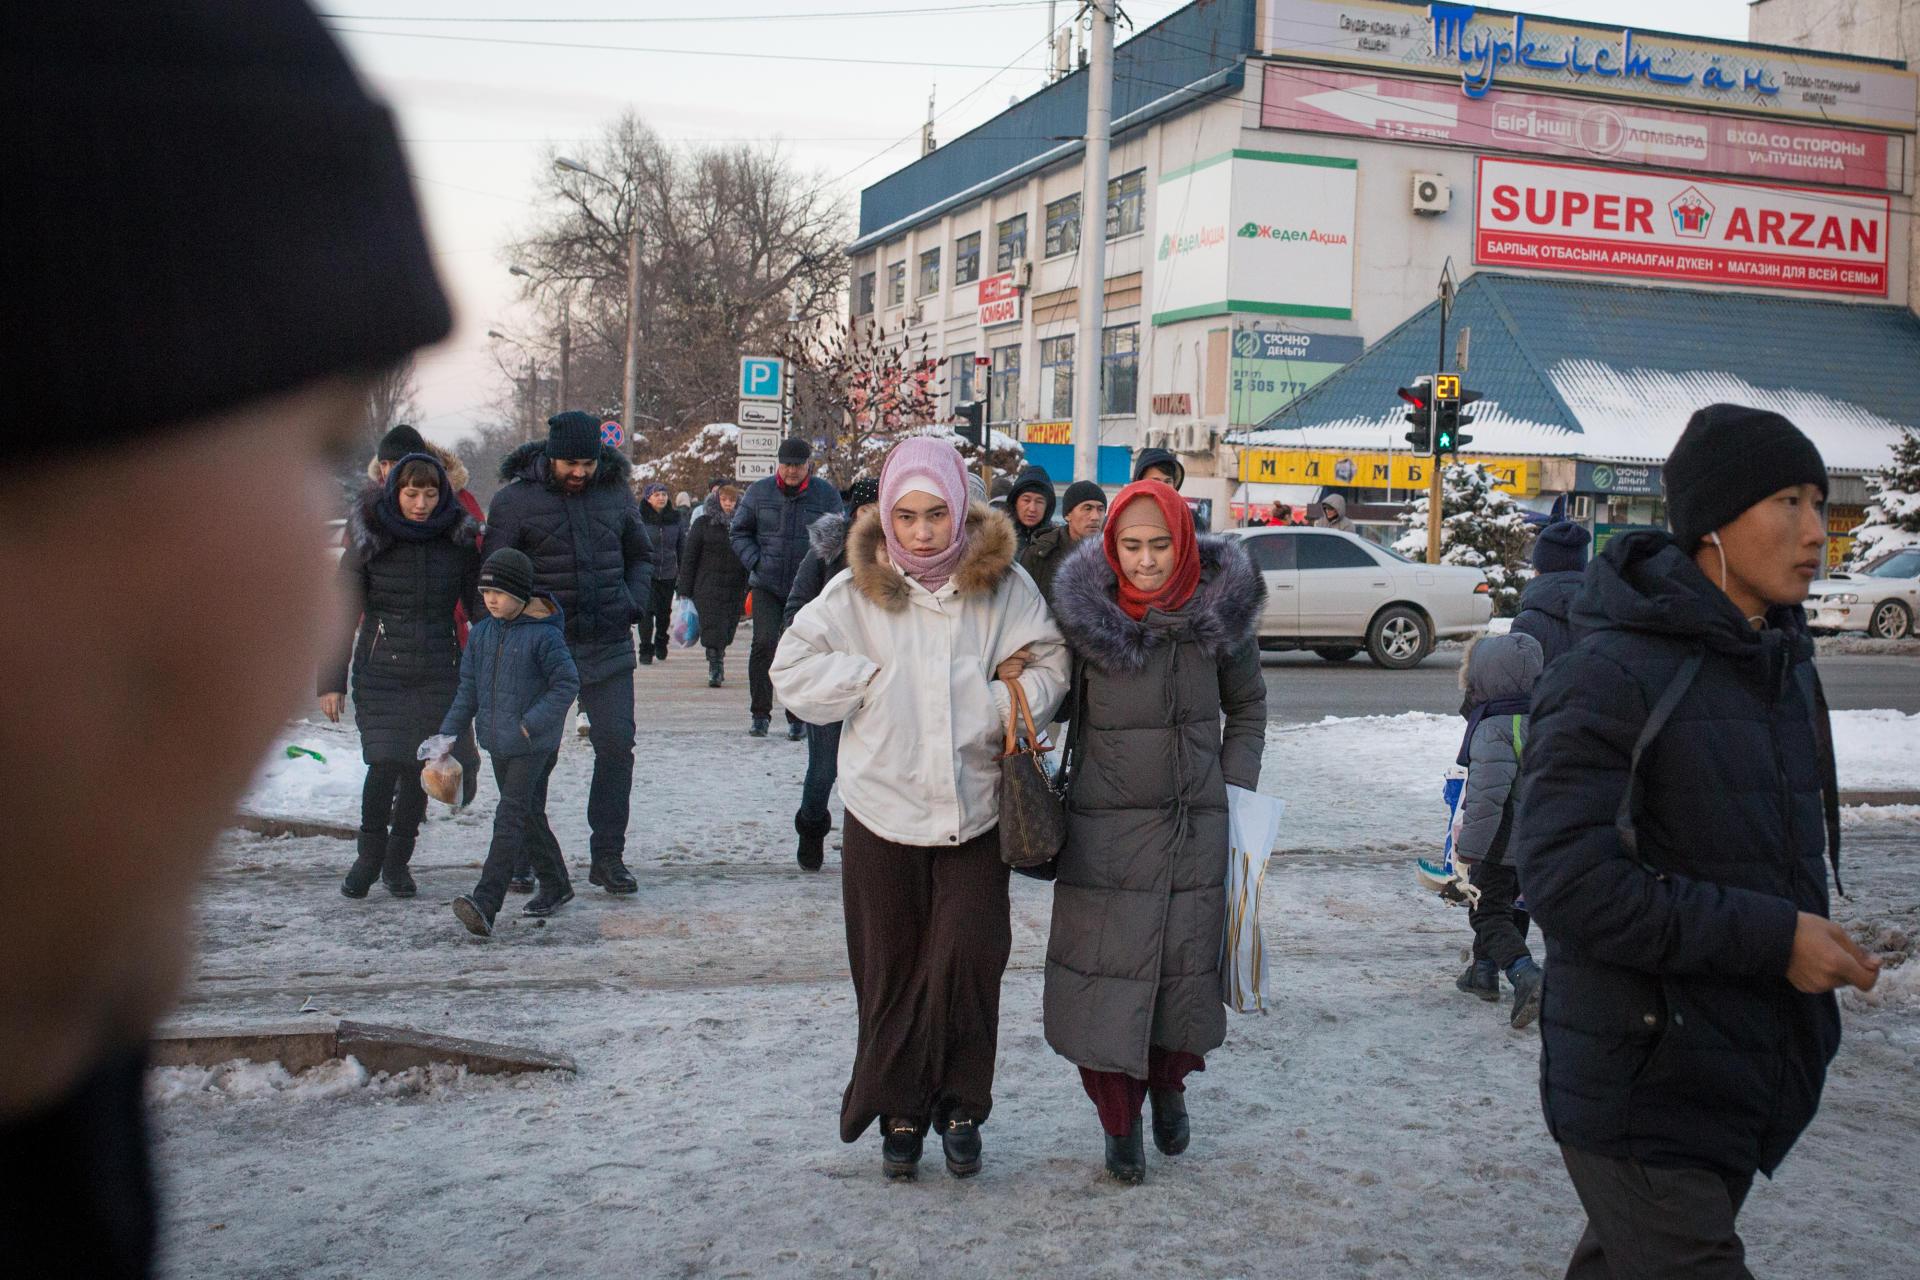 Dans les rues d'Almaty, la plus grande ville de Kazakhstan, en décembre 2018.